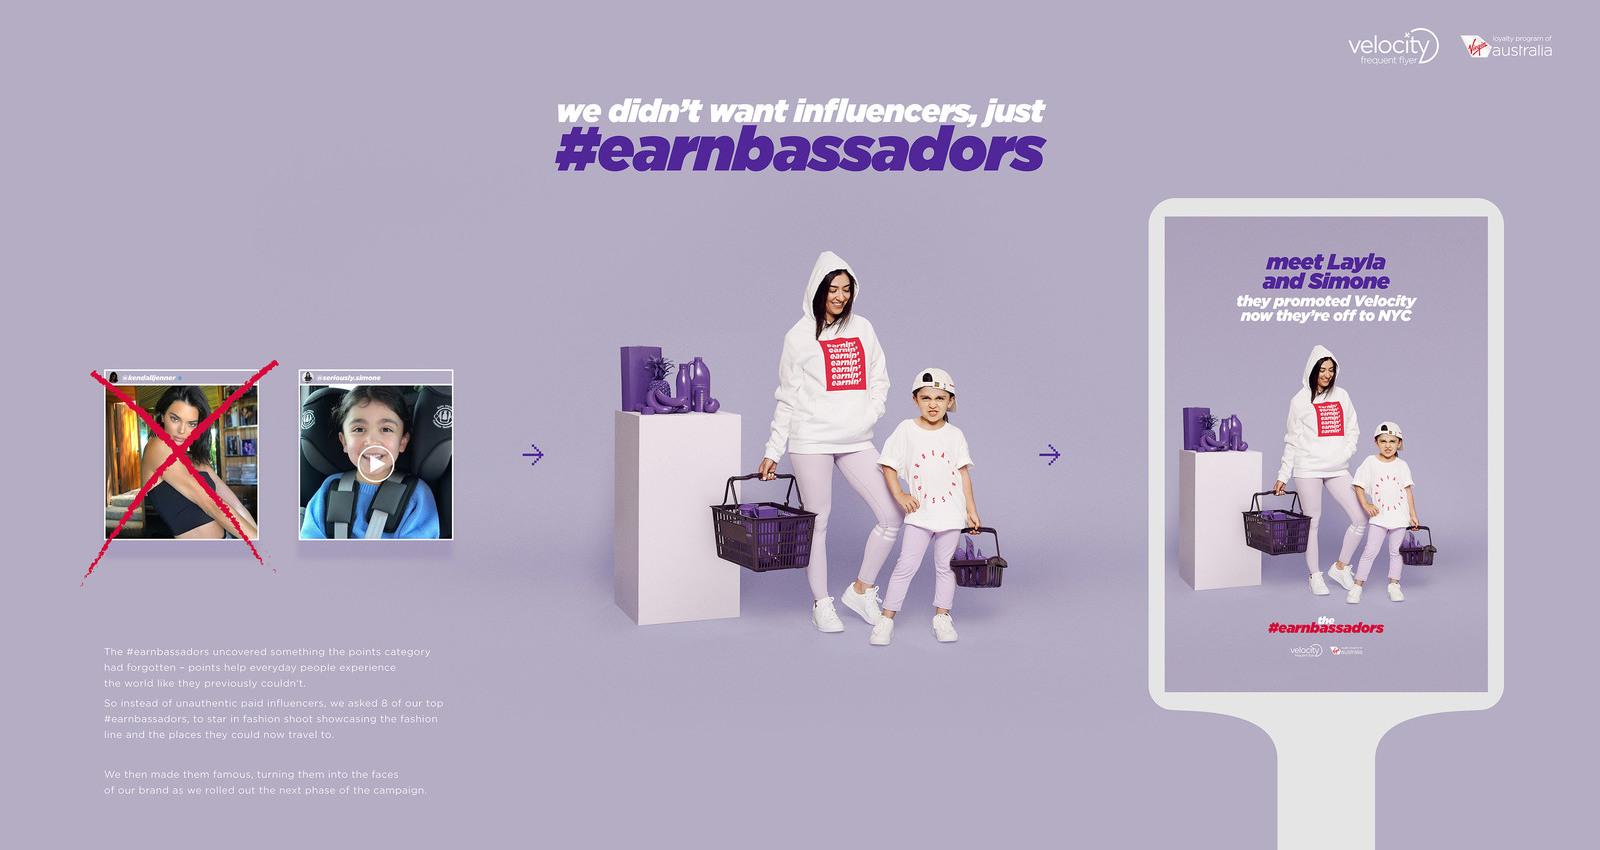 The Earnbassadors